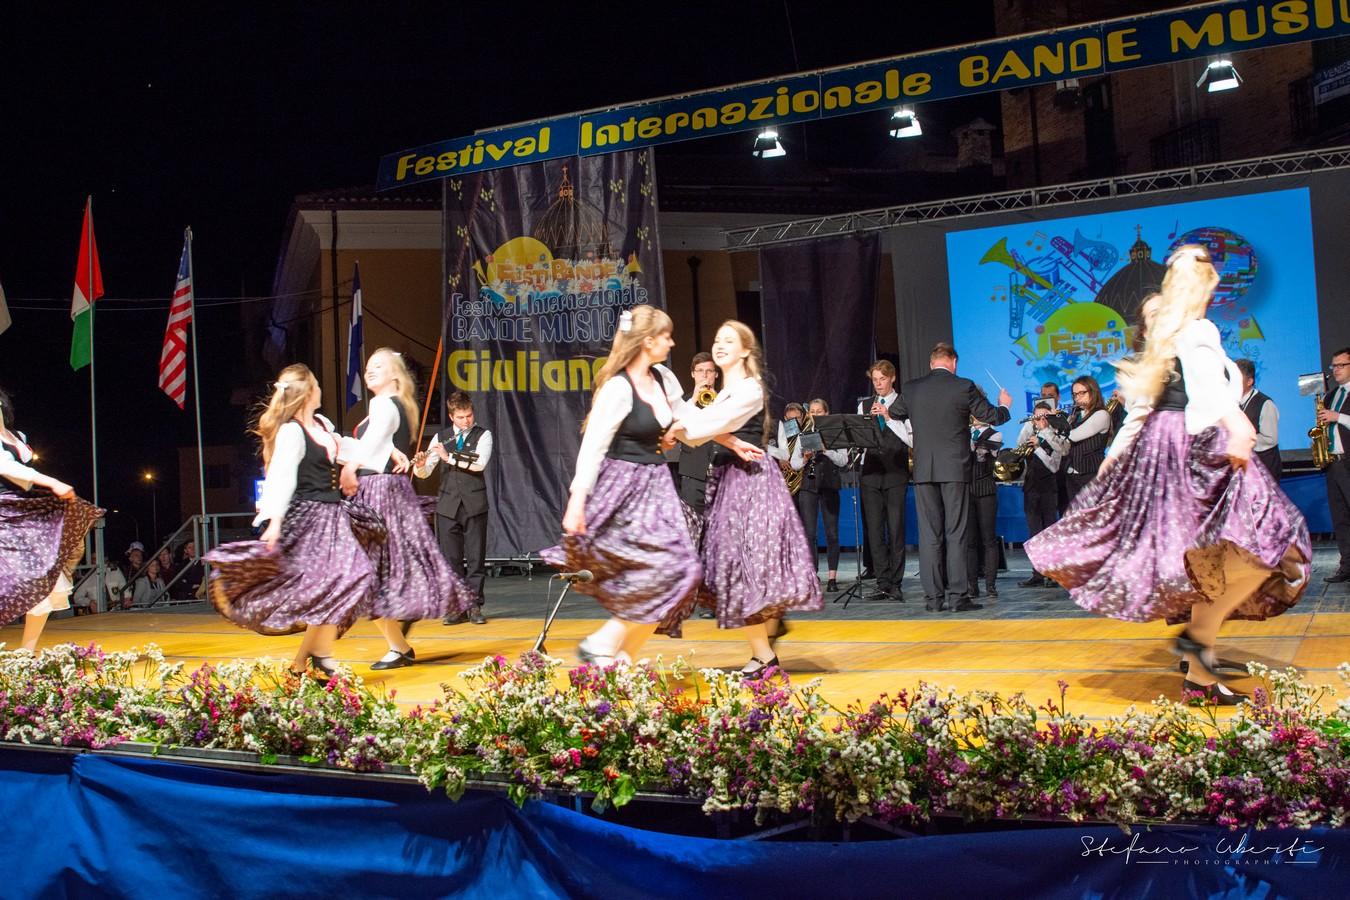 festival-bande-giulianova74